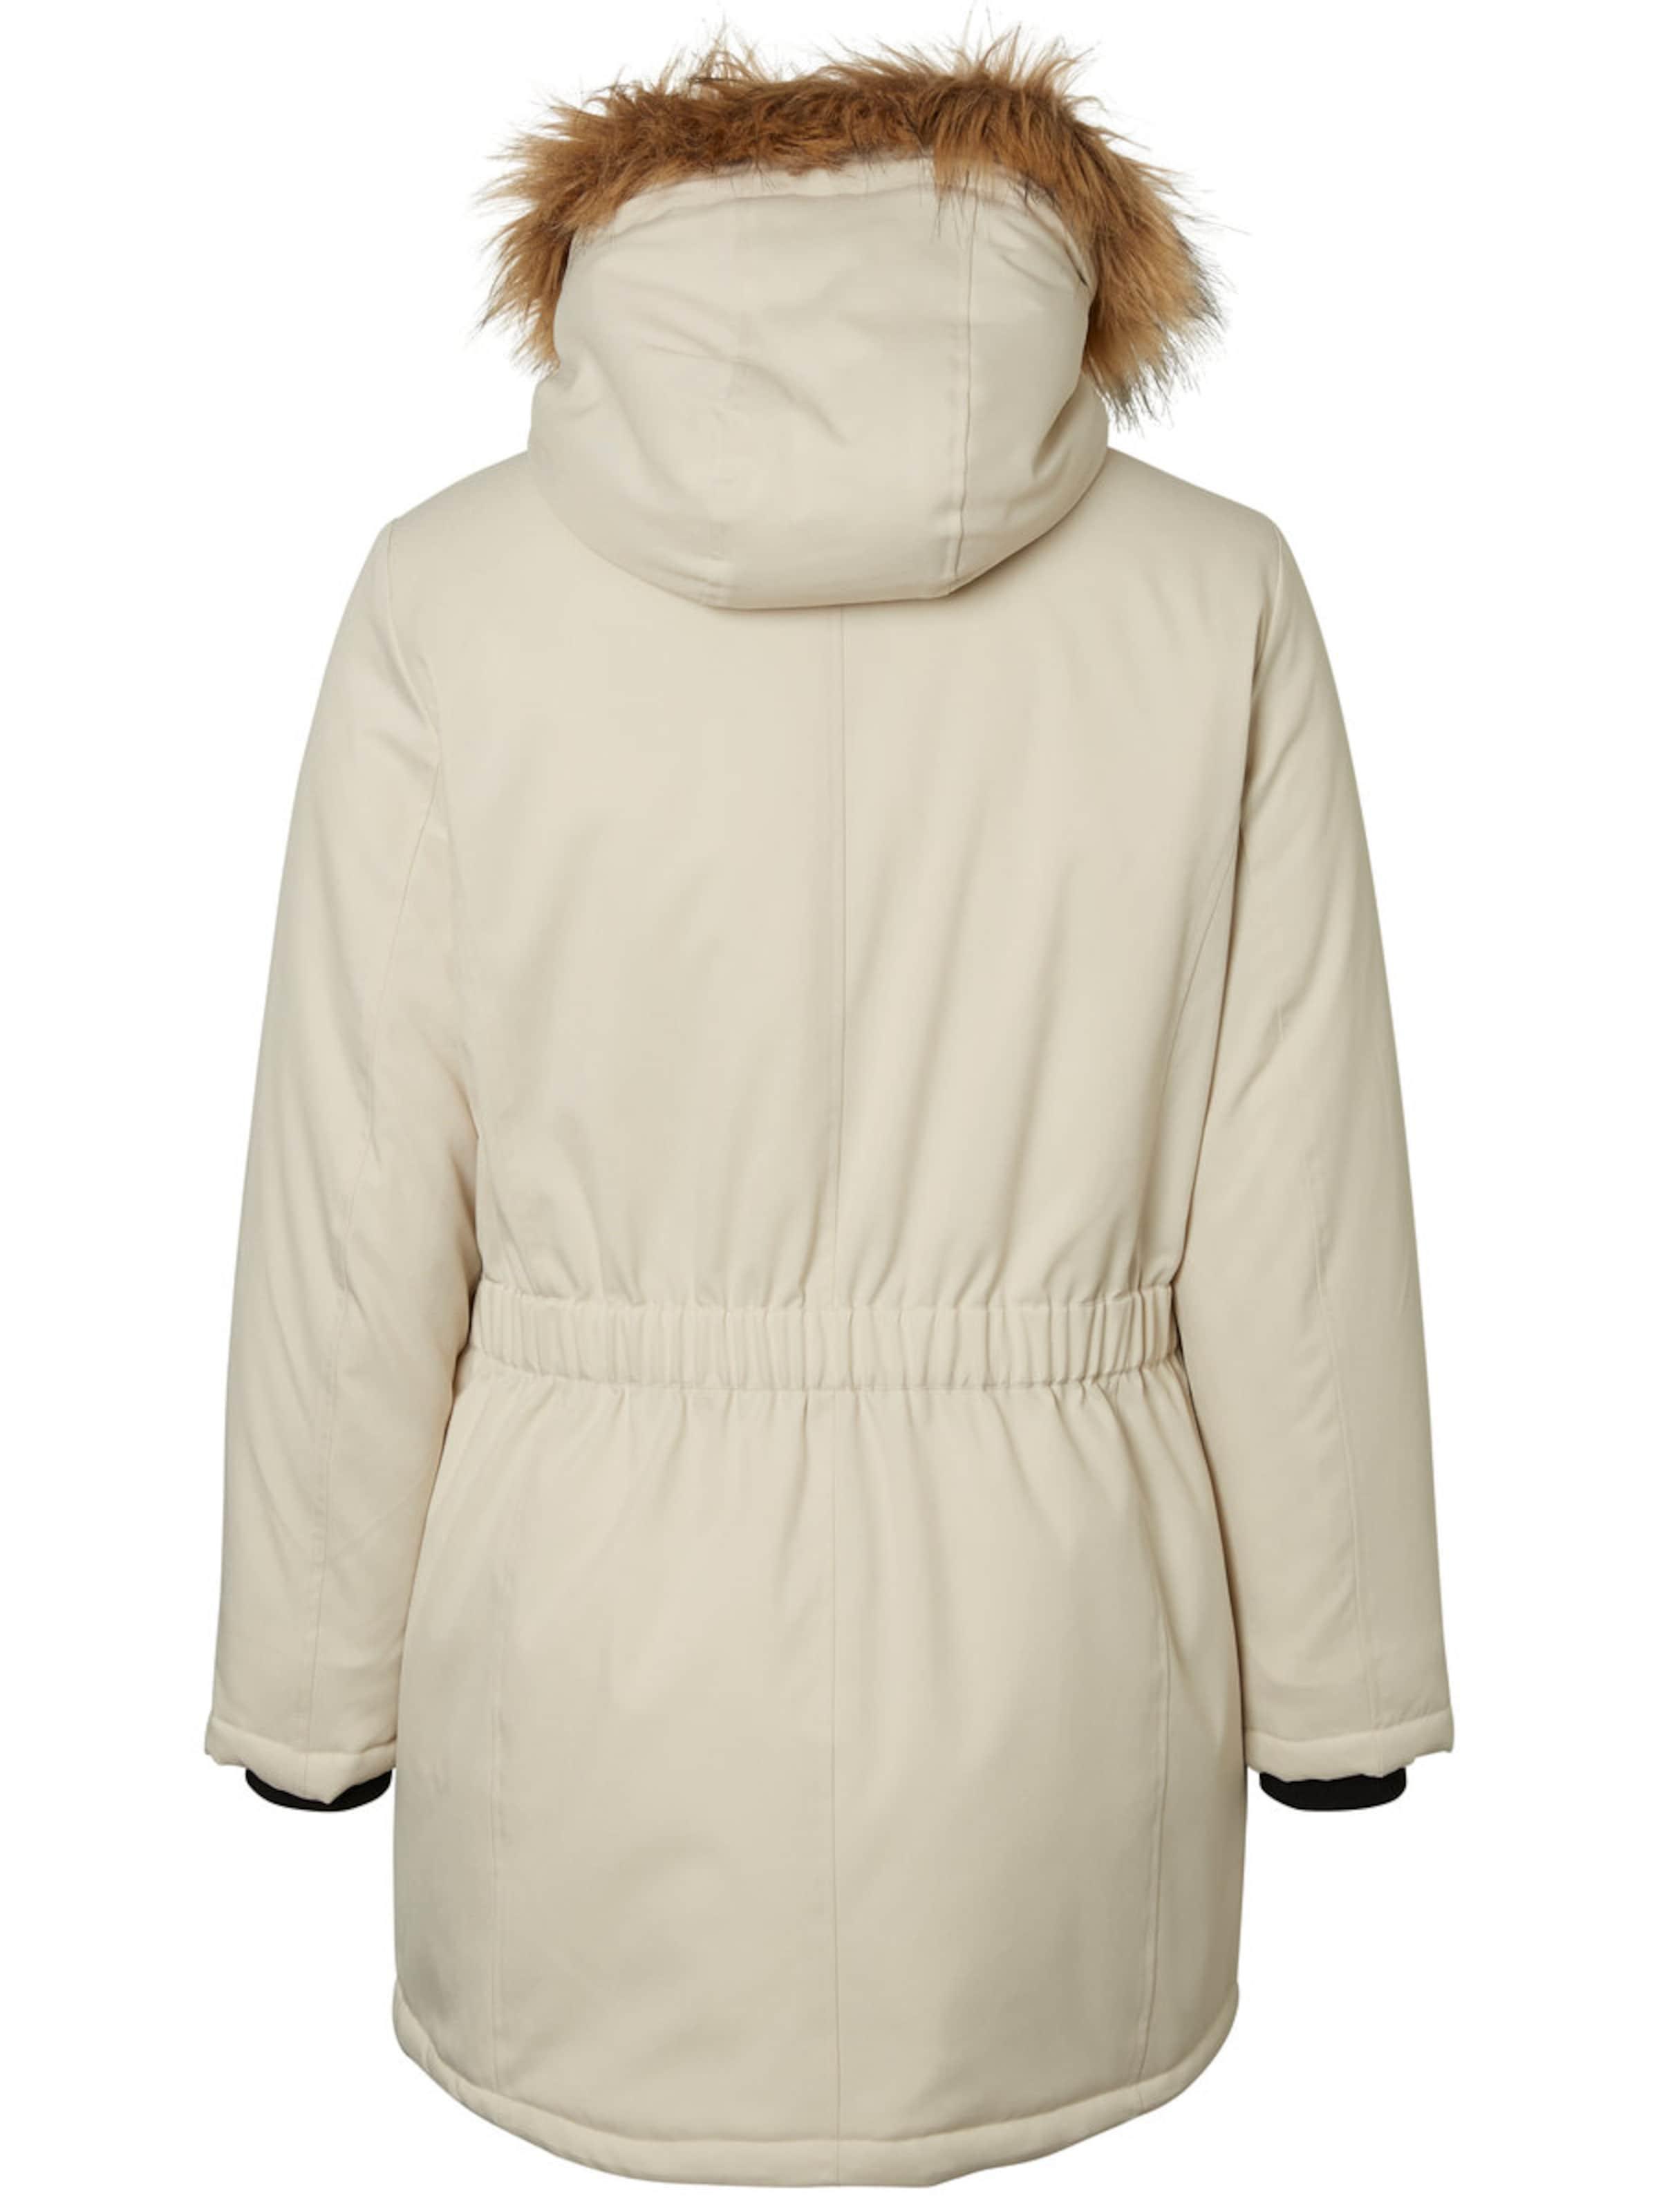 Laufschuhe weltweit verkauft stylistisches Aussehen Winterparka Winterparka Junarose In Junarose Beige Beige ...